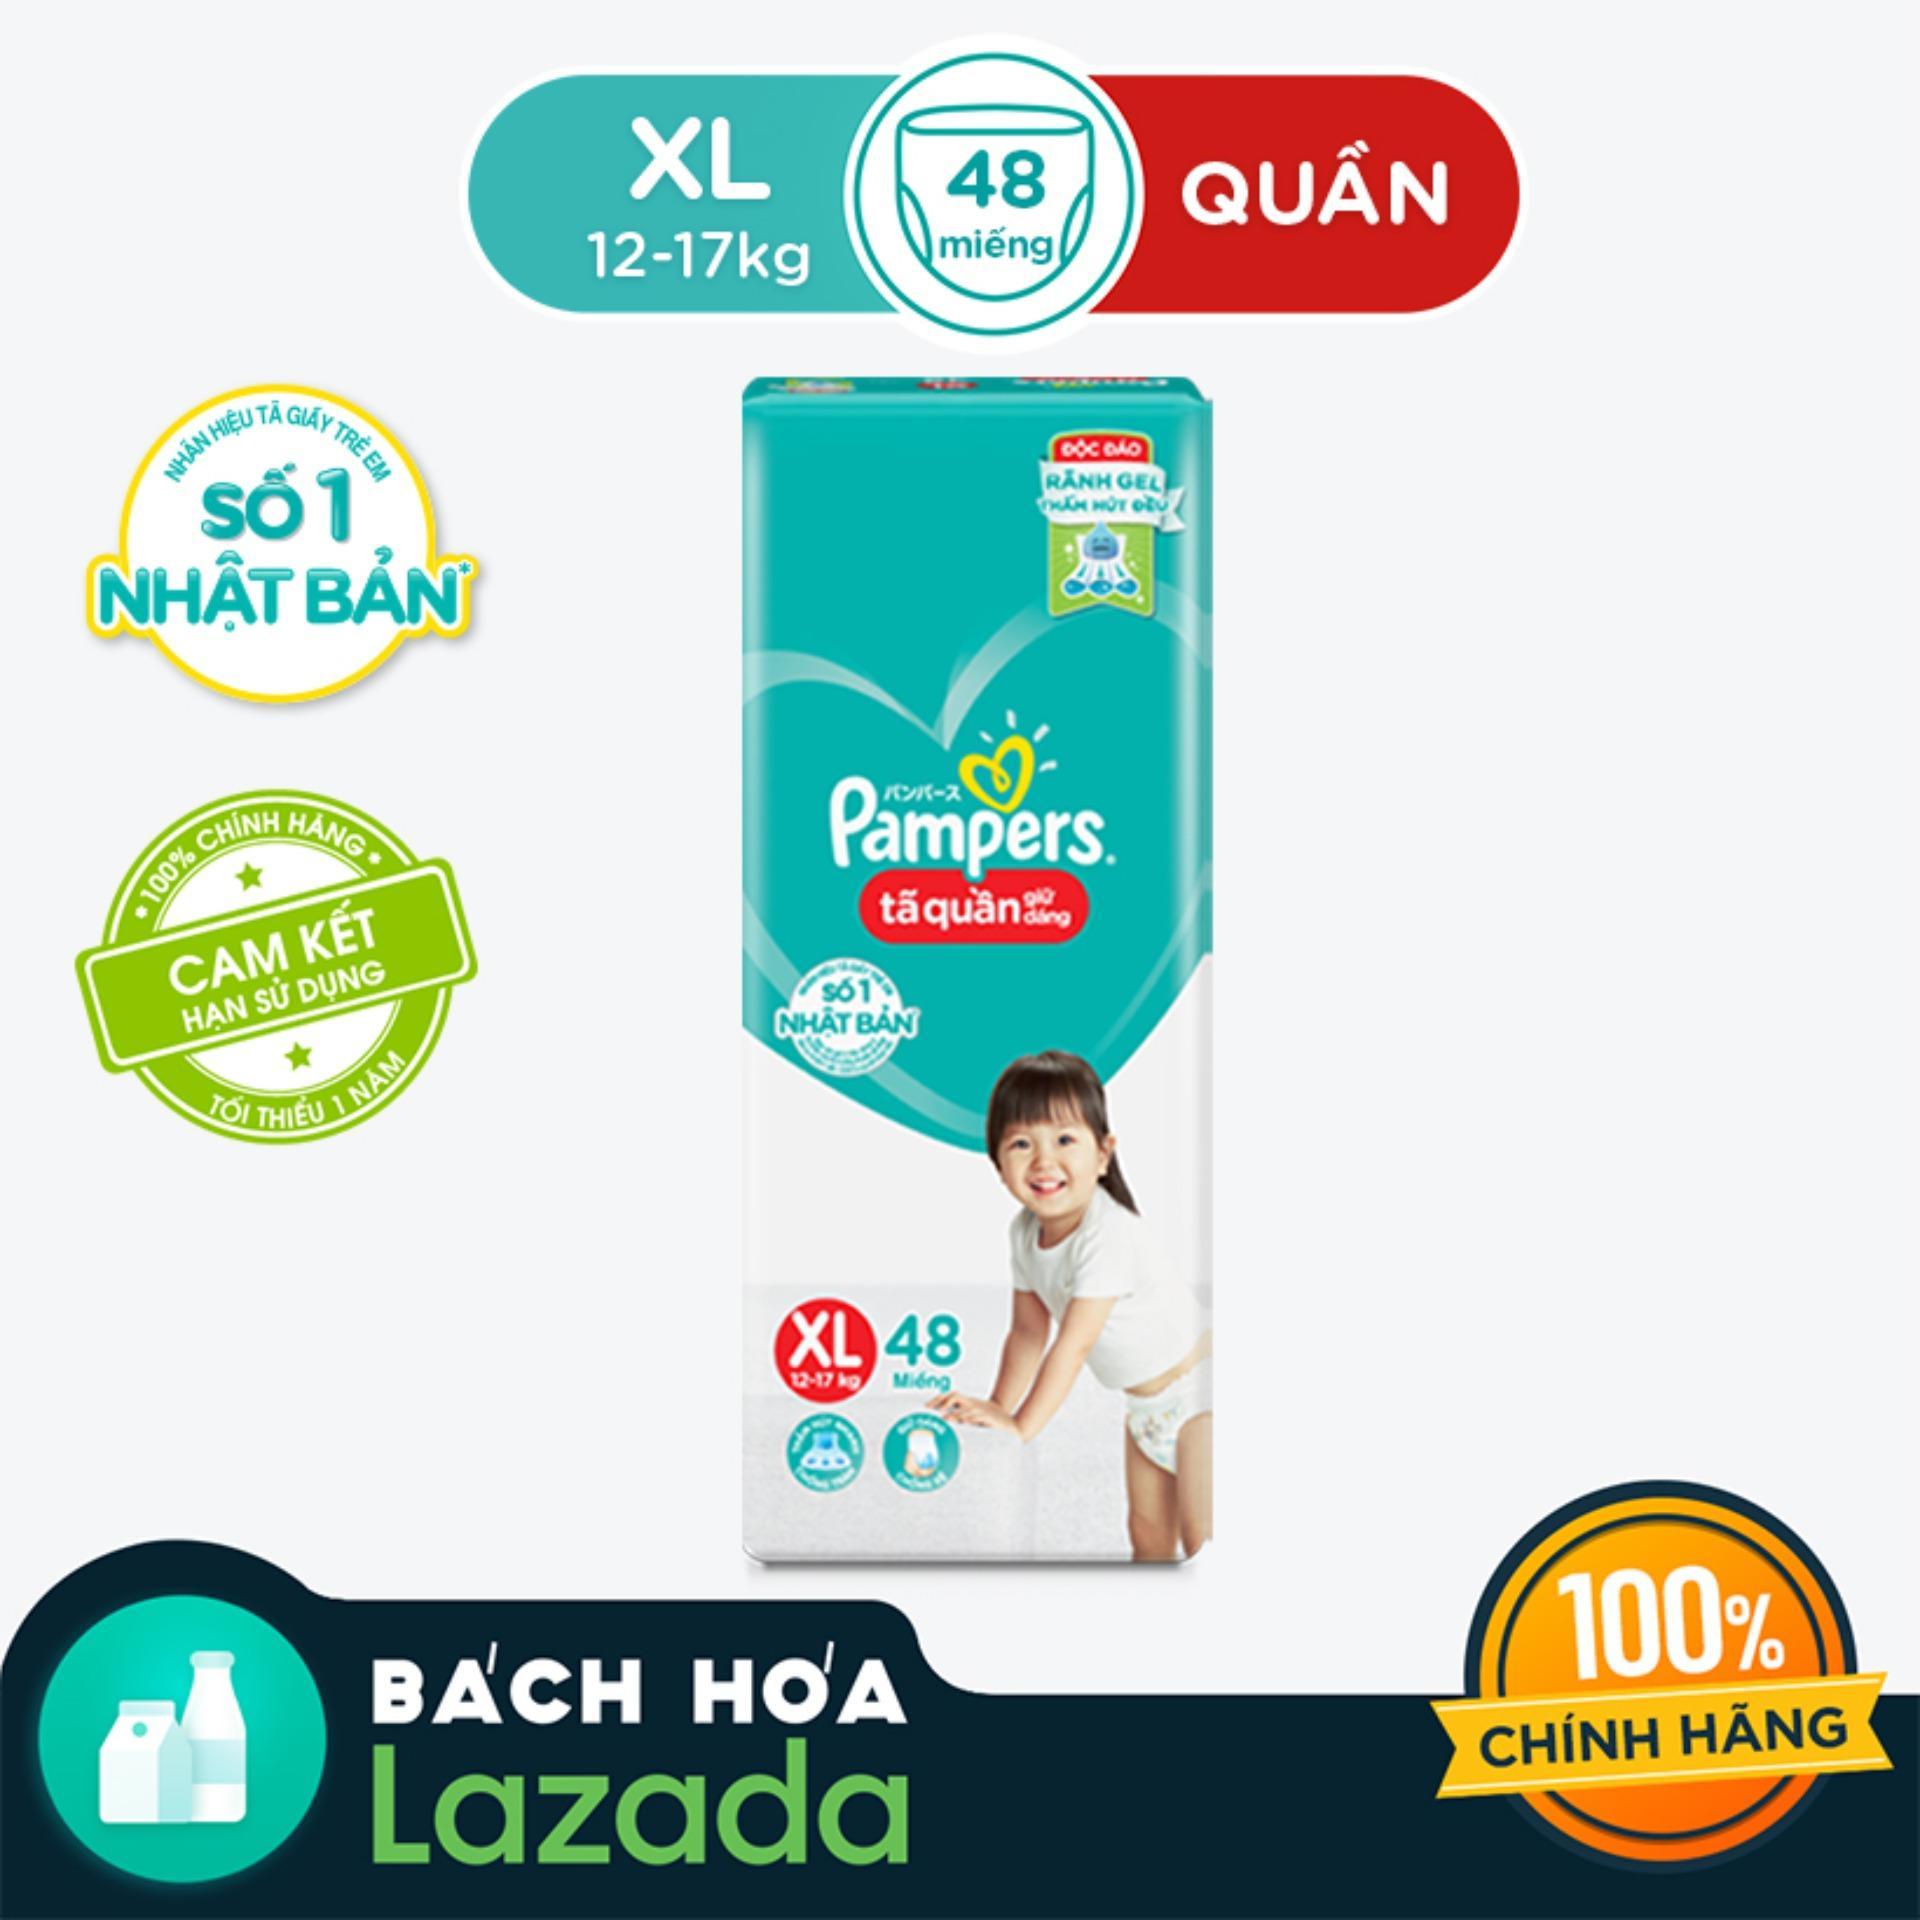 Tã Quần Pampers Giữ Dáng Mới Gói Đại XL48 (size...